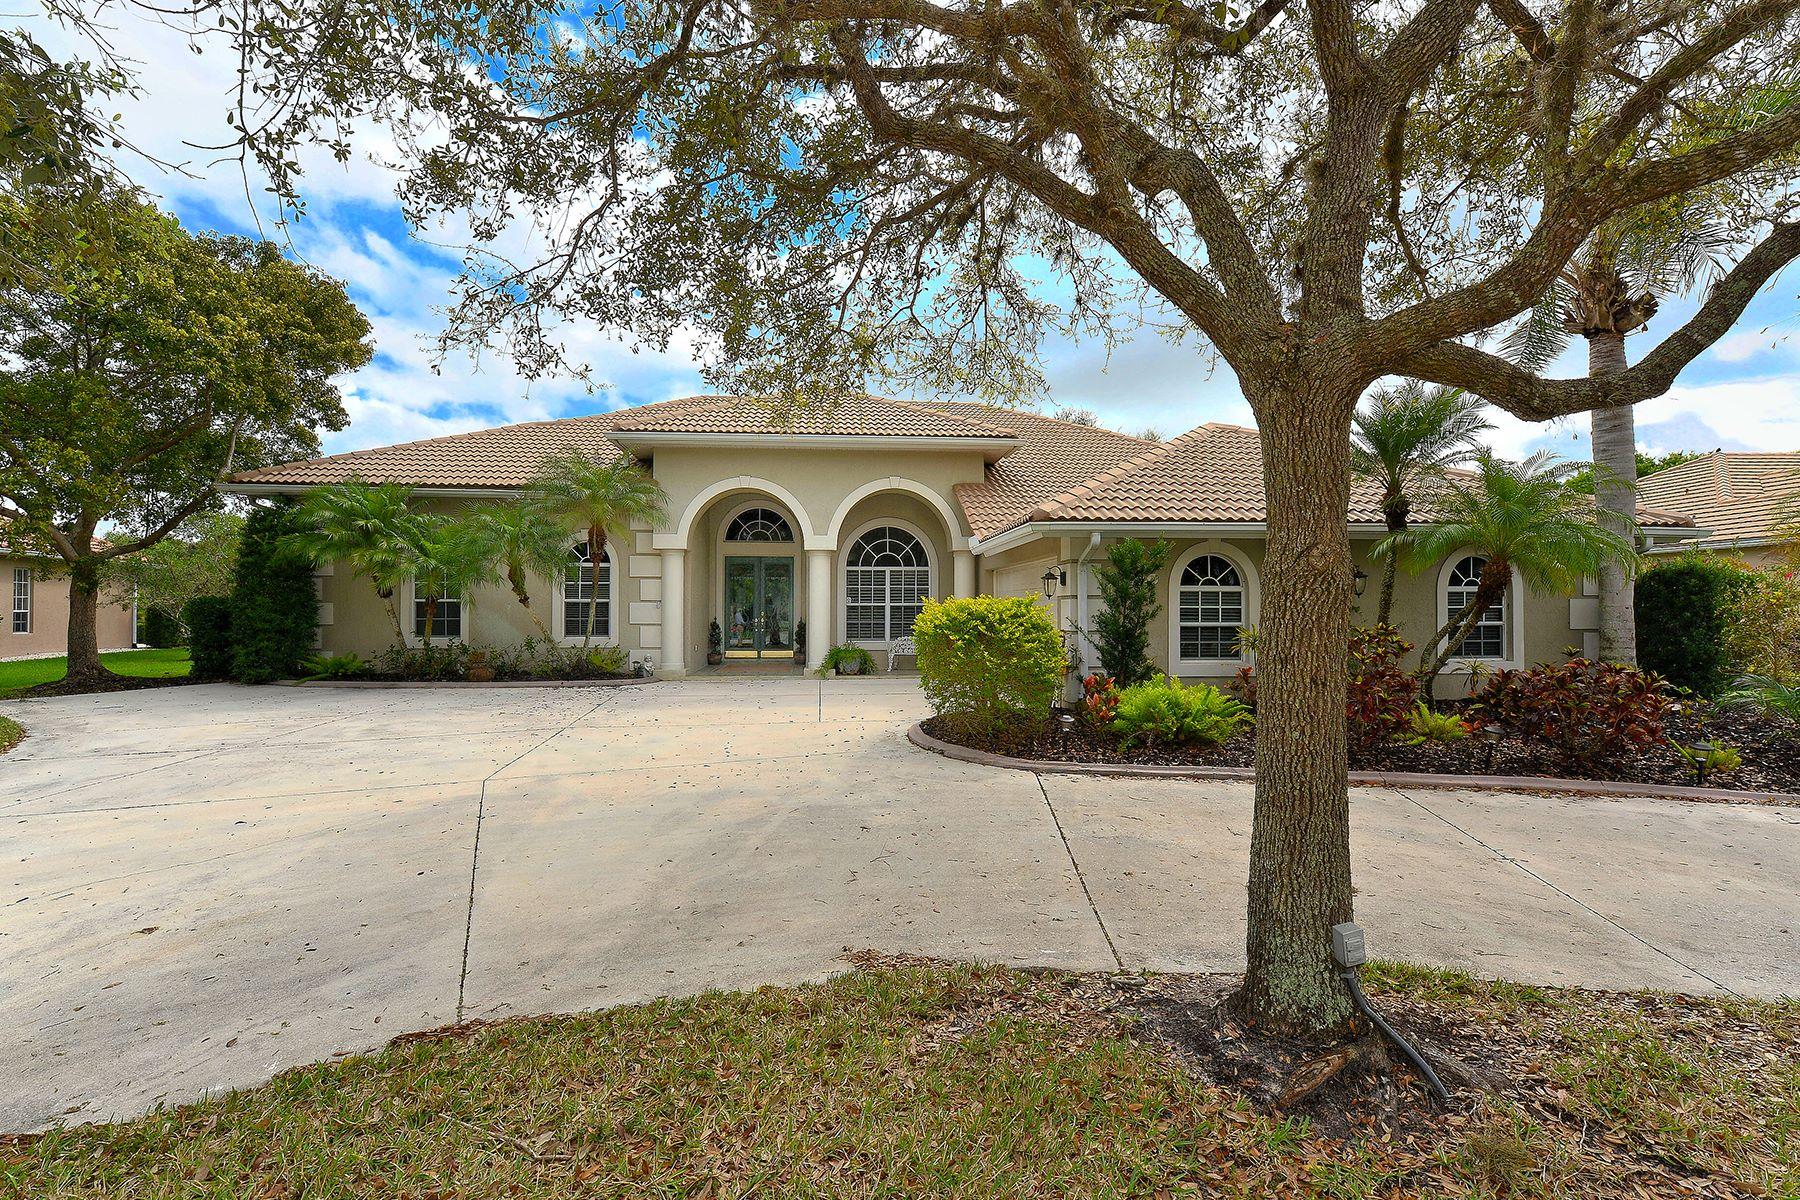 Частный односемейный дом для того Продажа на LAUREL OAK ESTATES 3267 Alex Findlay Pl Sarasota, Флорида, 34240 Соединенные Штаты